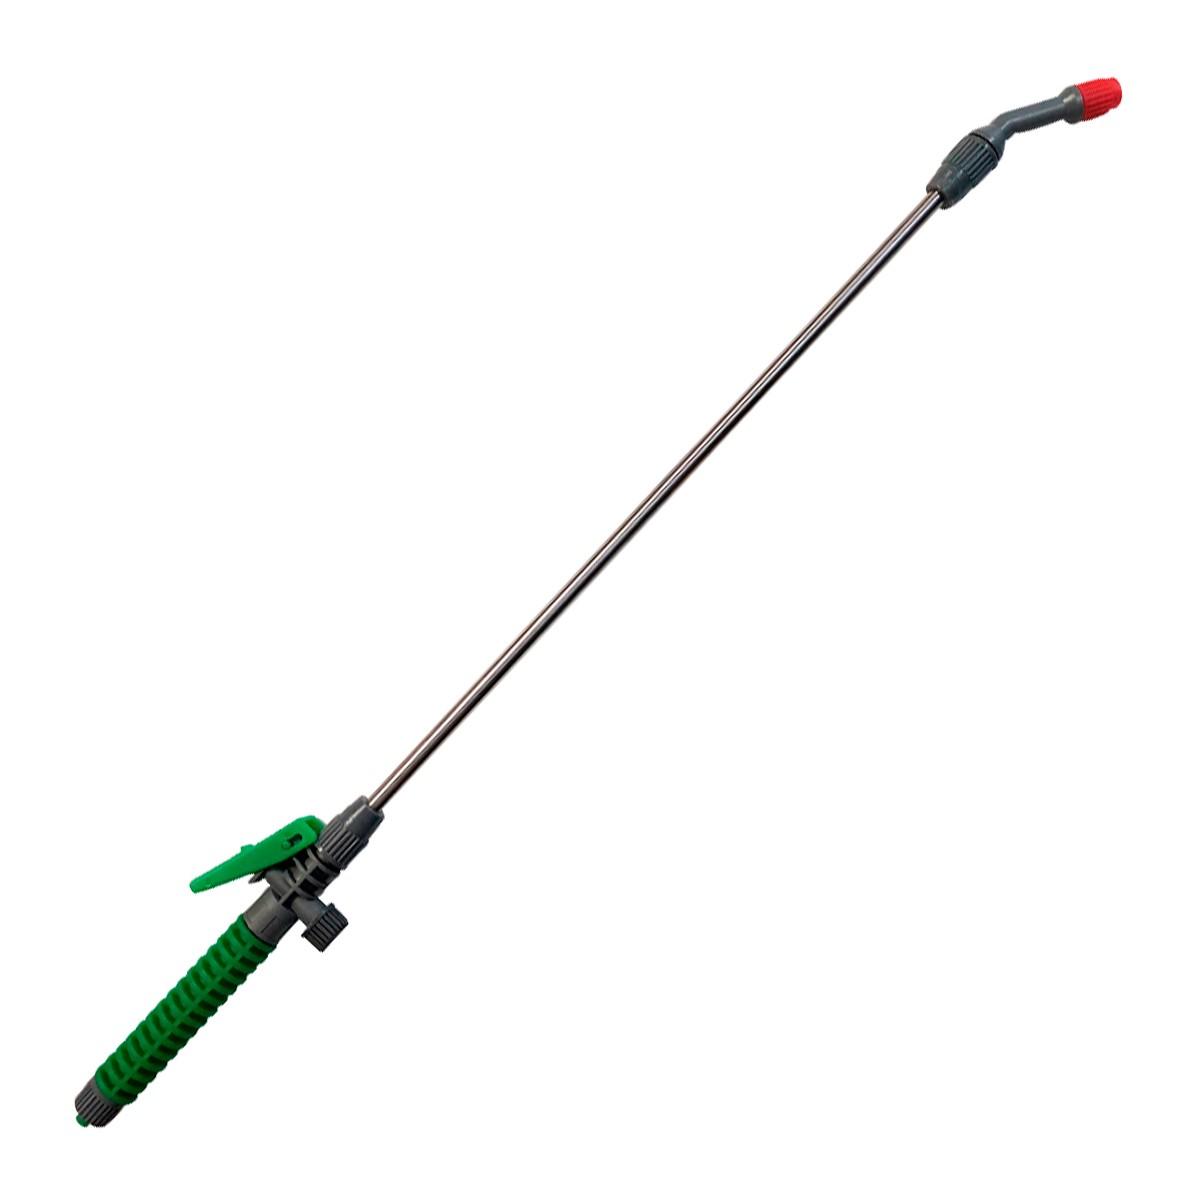 gatilho com lança de metal e bico para os pulverizadores de 5/8 litros manual